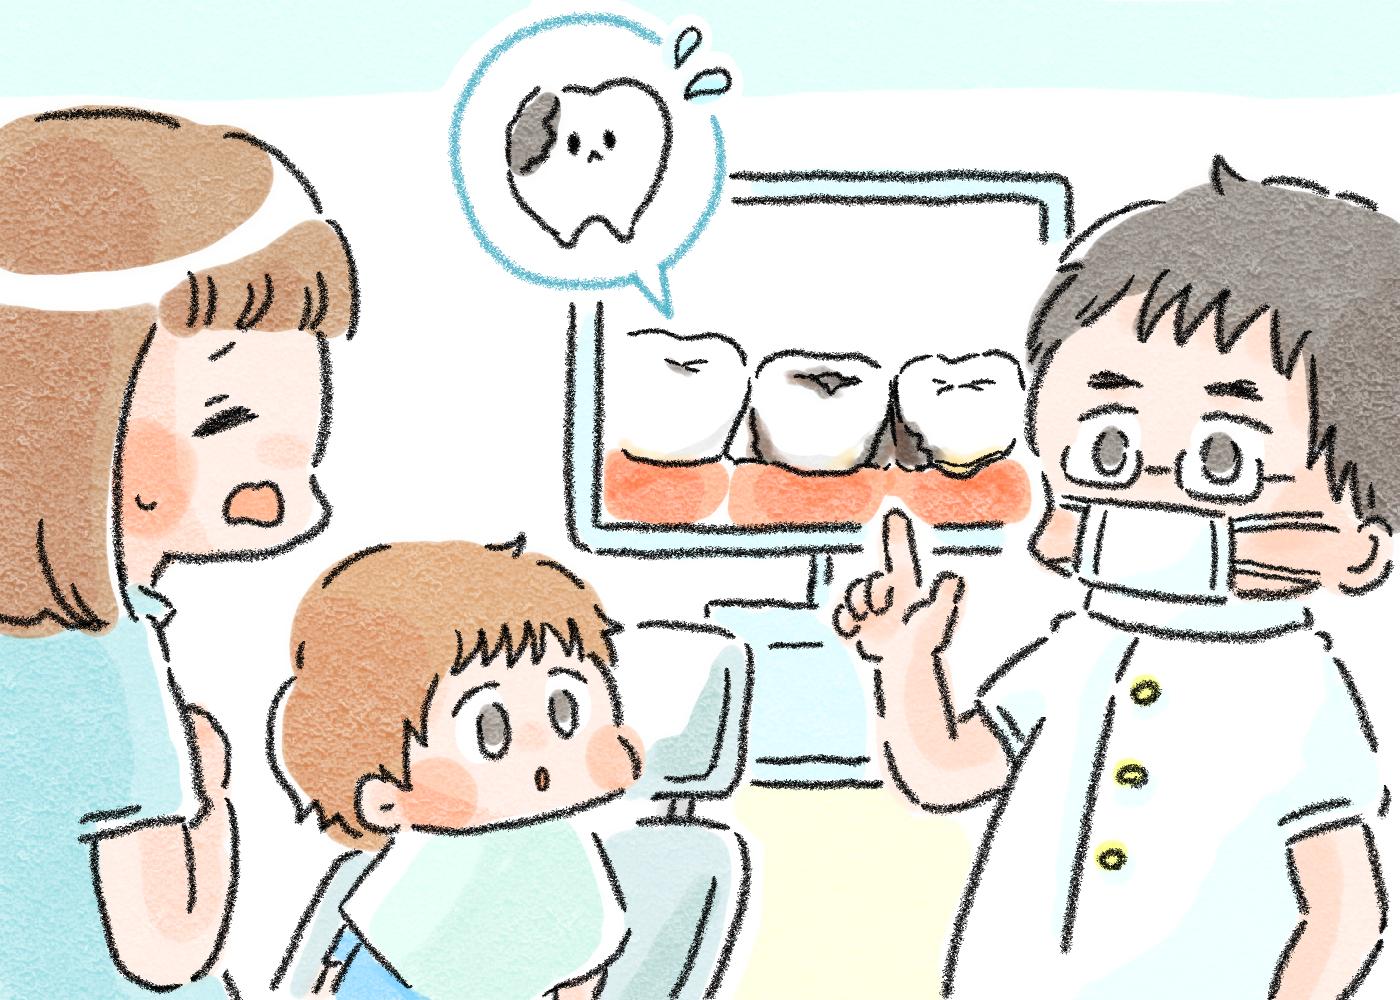 ハブラシで落とせる汚れは60%だけ!?  子どもの歯をムシ歯や口臭から守るコツ